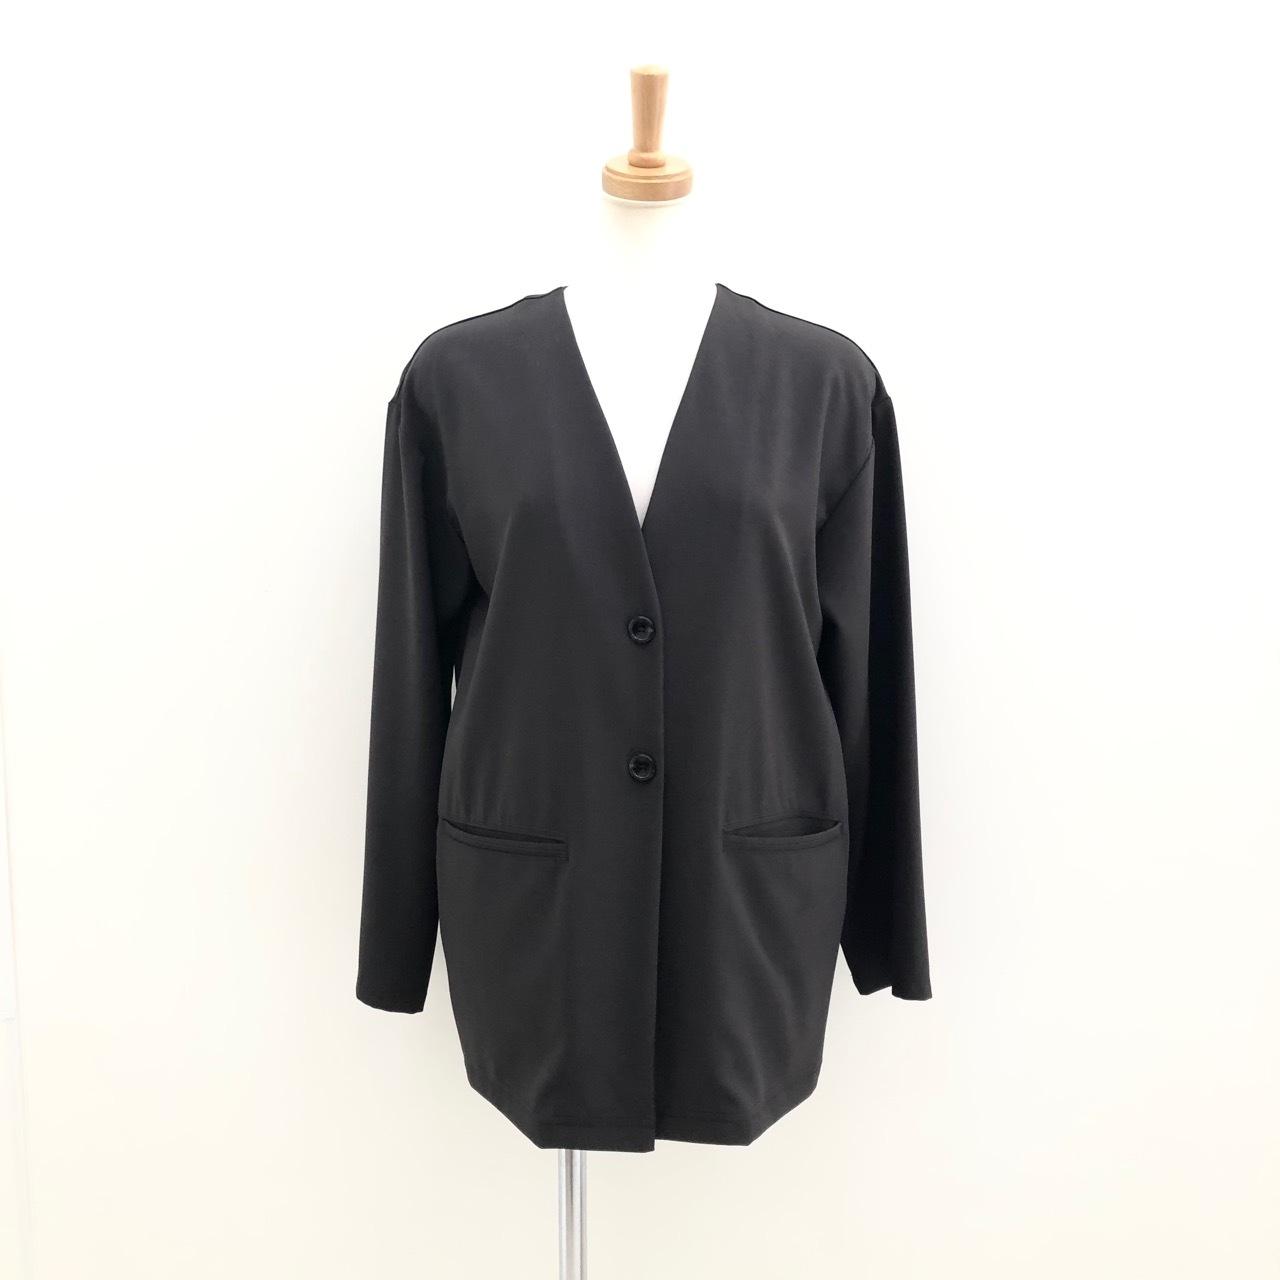 【 Days 】- 120-2322 - タックジャケット